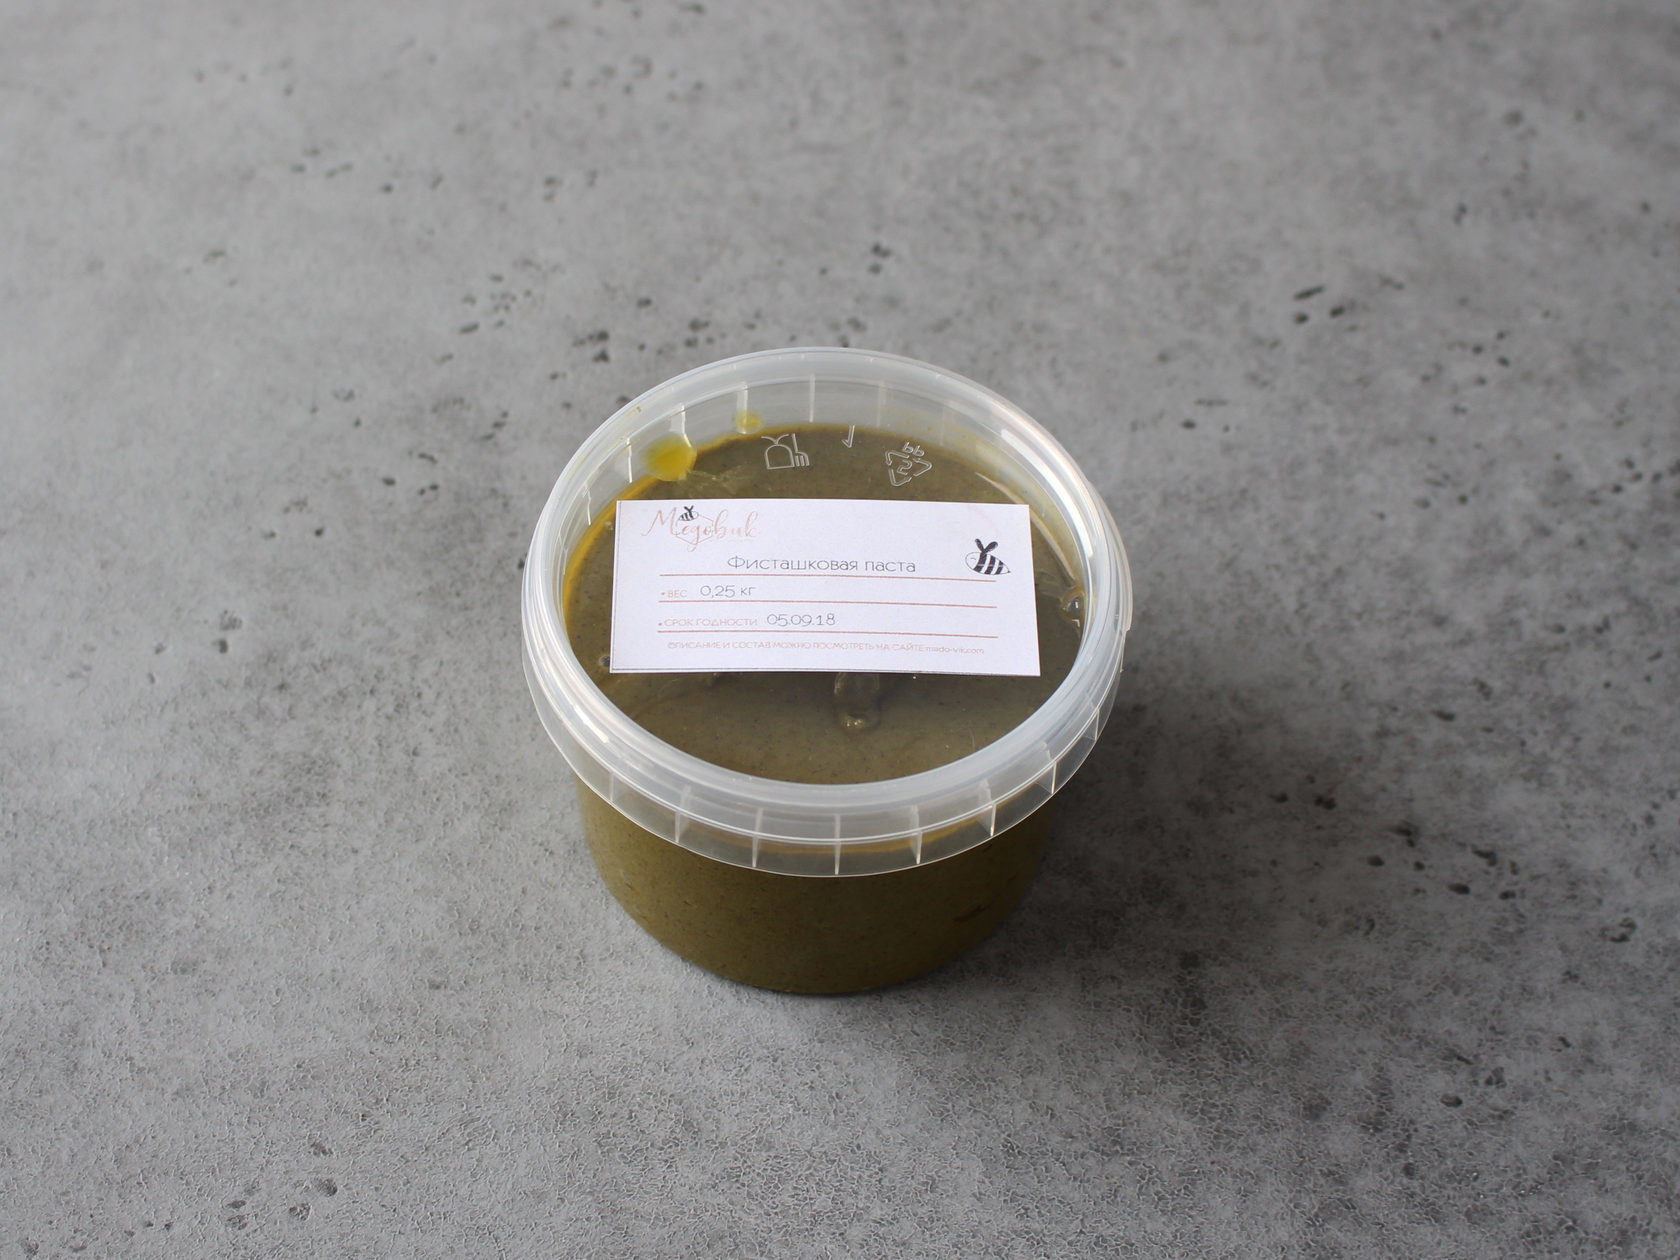 Фисташковая паста DGF с ароматизатором, 250 гр